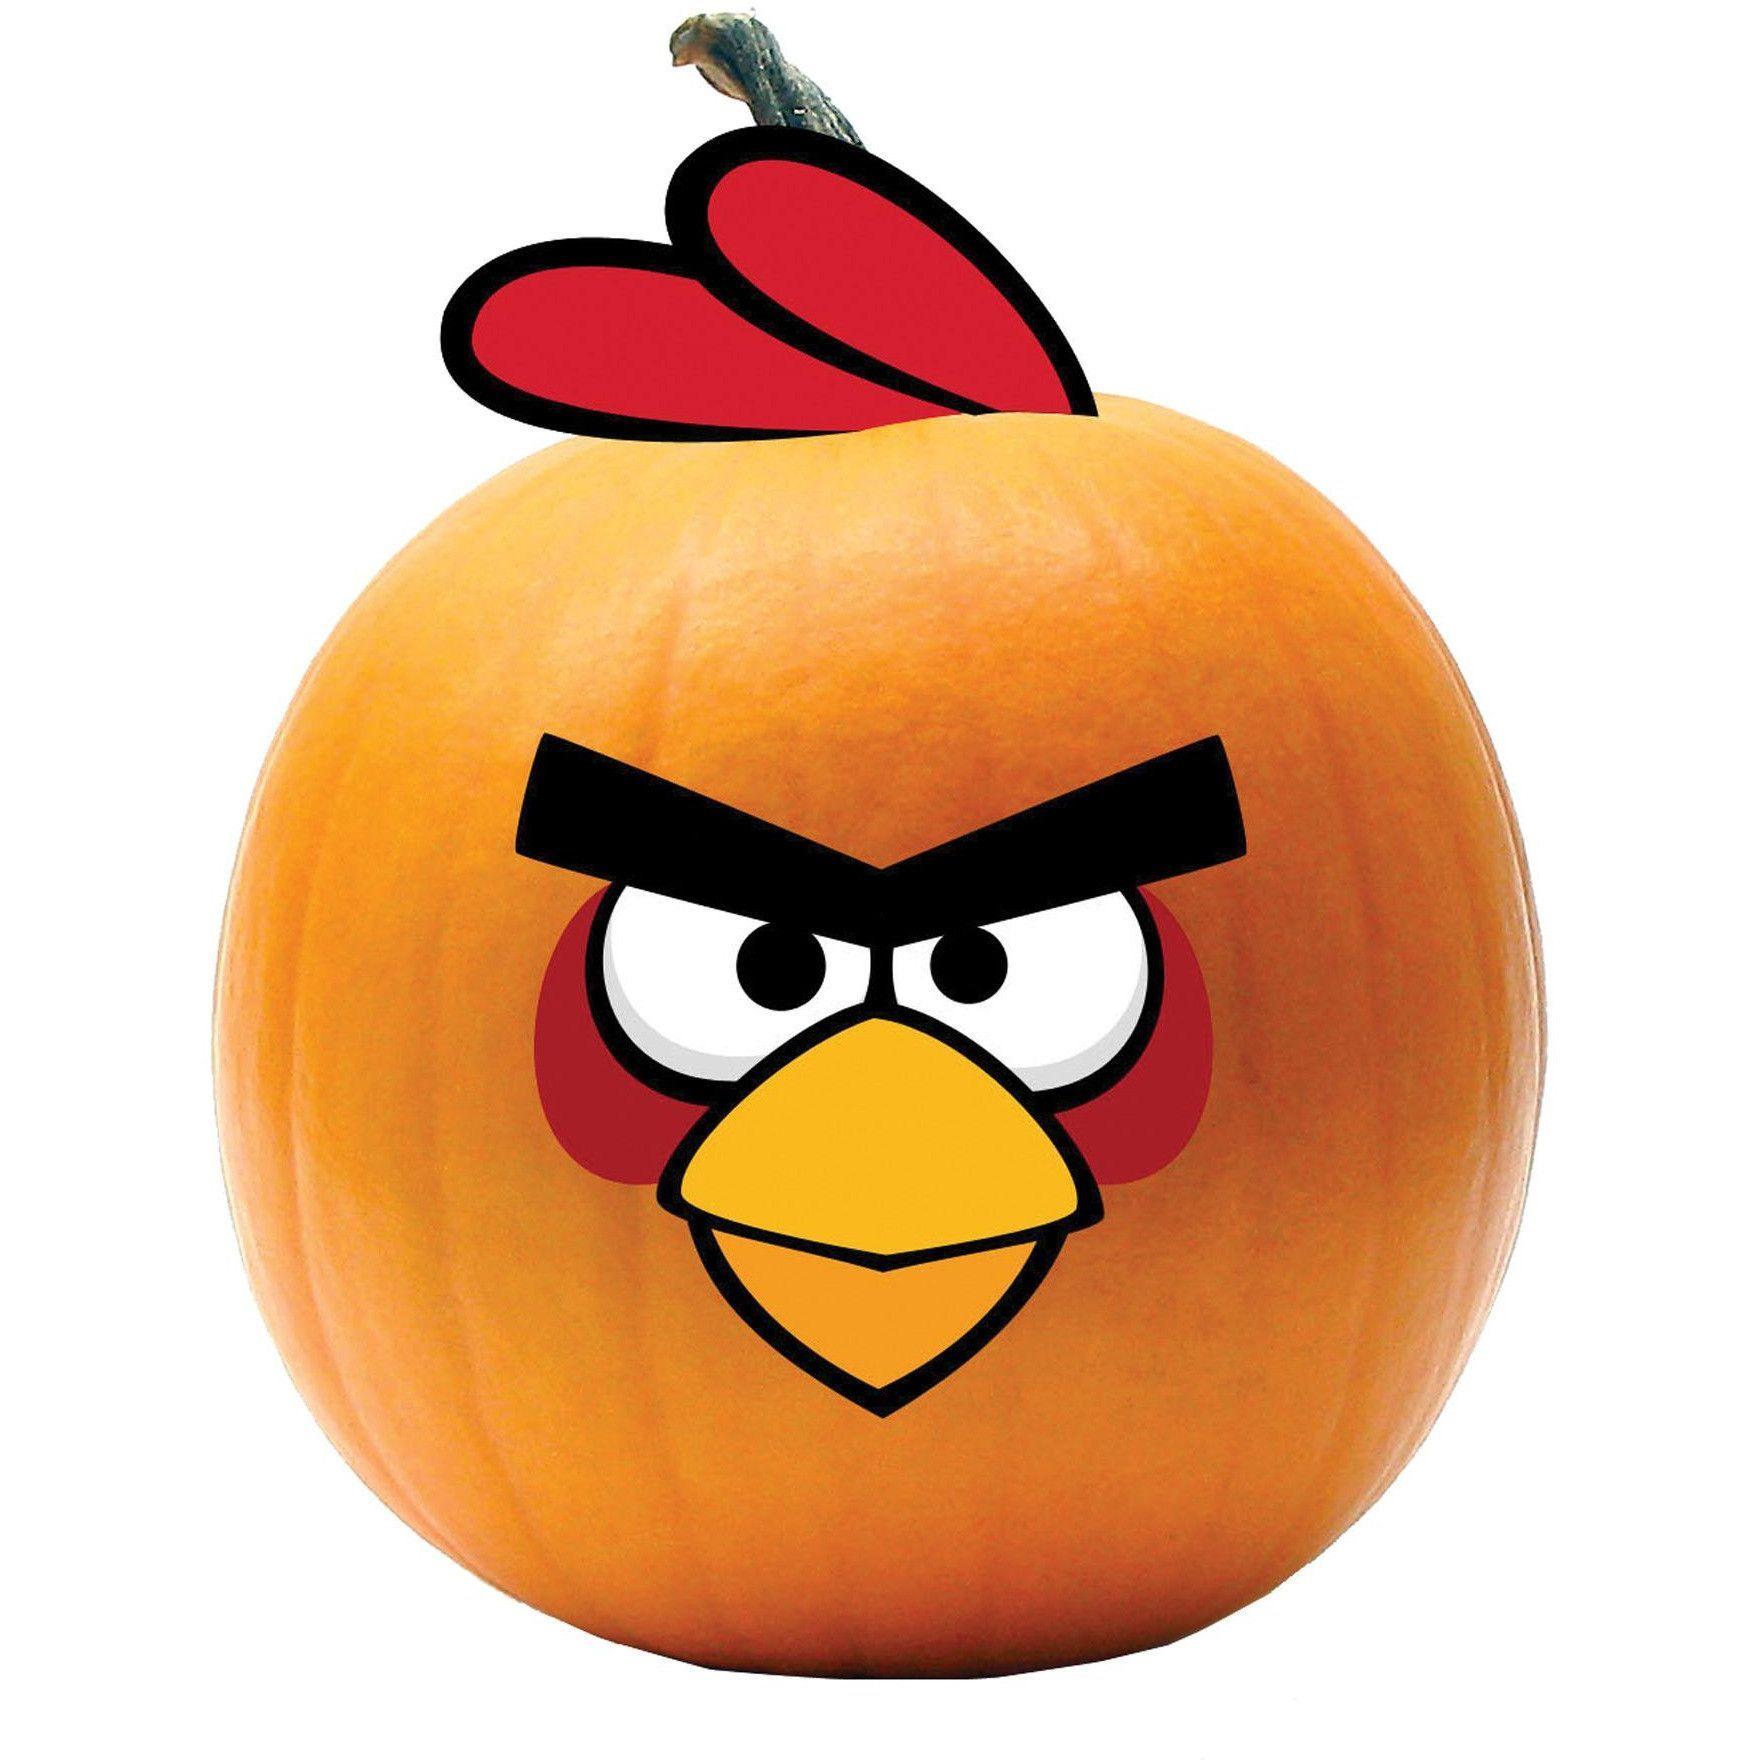 Angry bird red bird push in pumpkin designs pinterest pumpkin